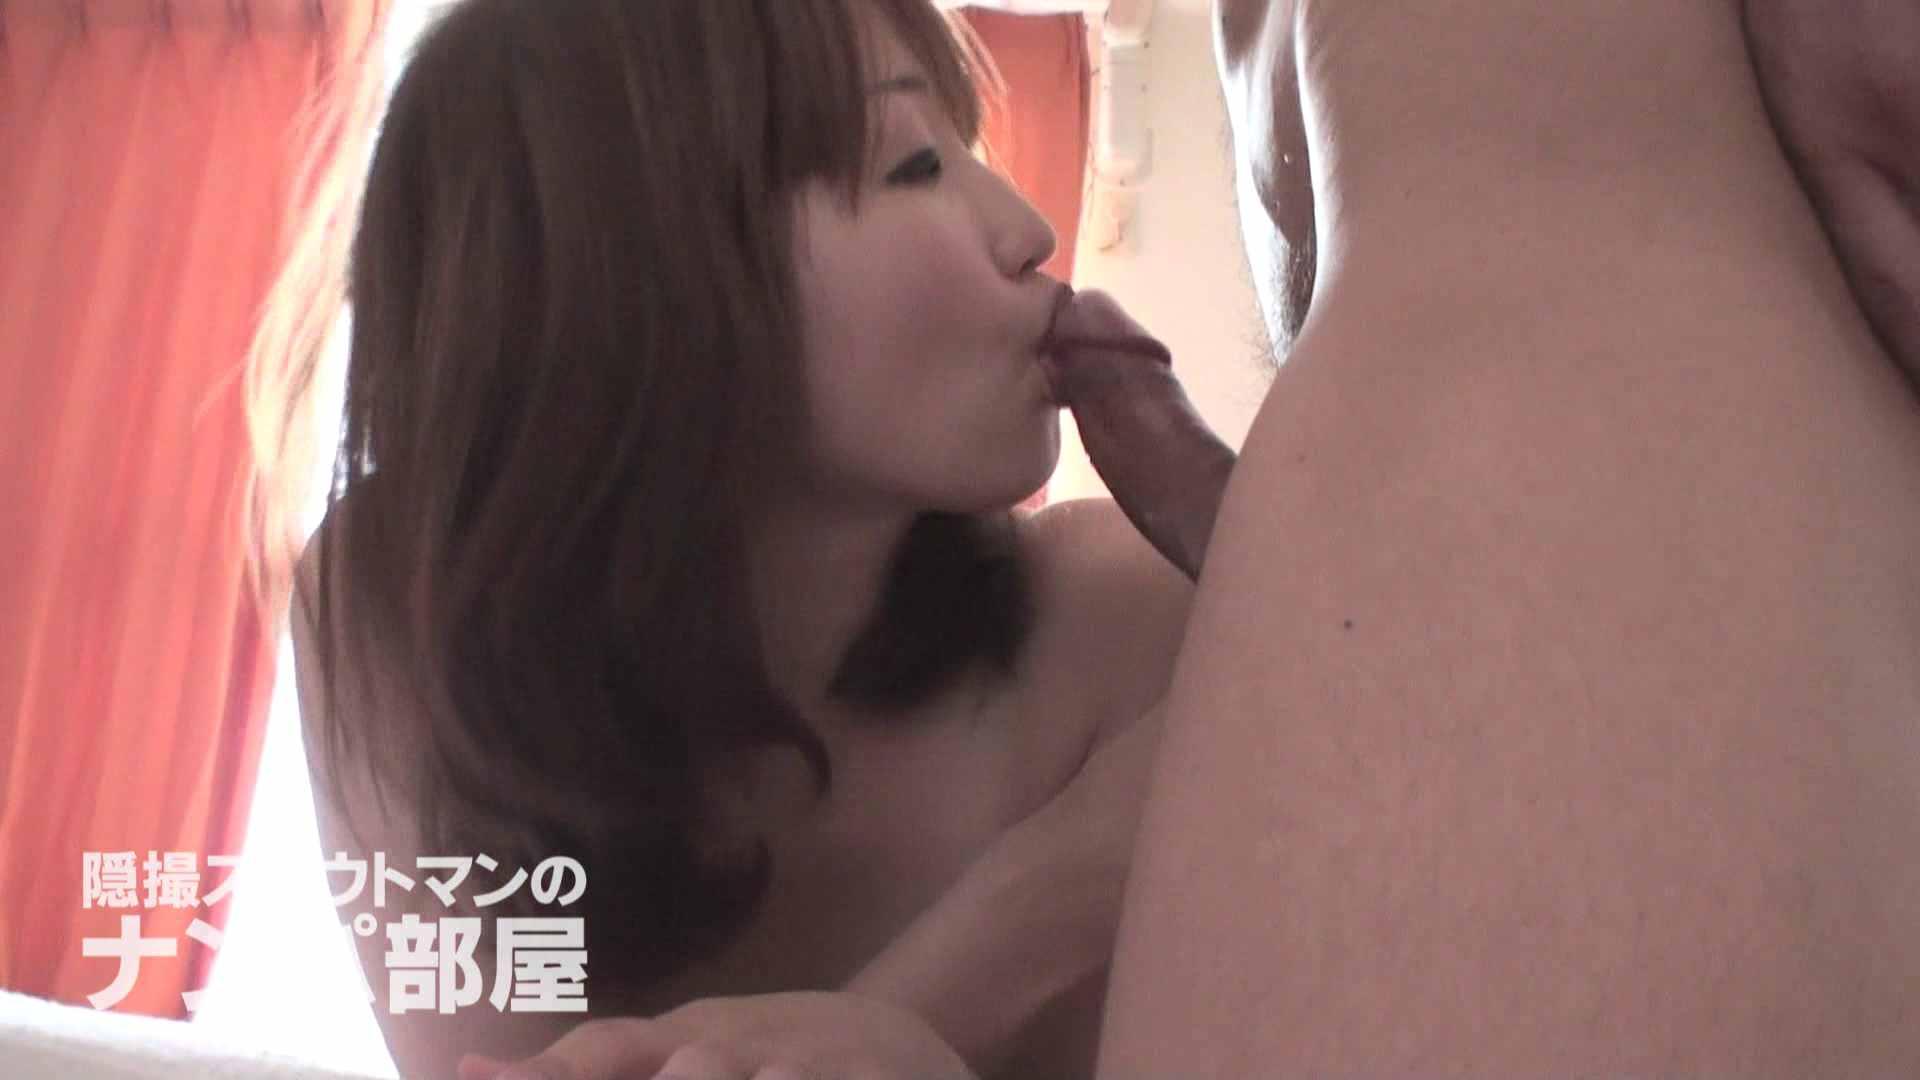 隠撮スカウトマンのナンパ部屋~風俗デビュー前のつまみ食い~ siivol.4 隠撮 | 中出し  91pic 61